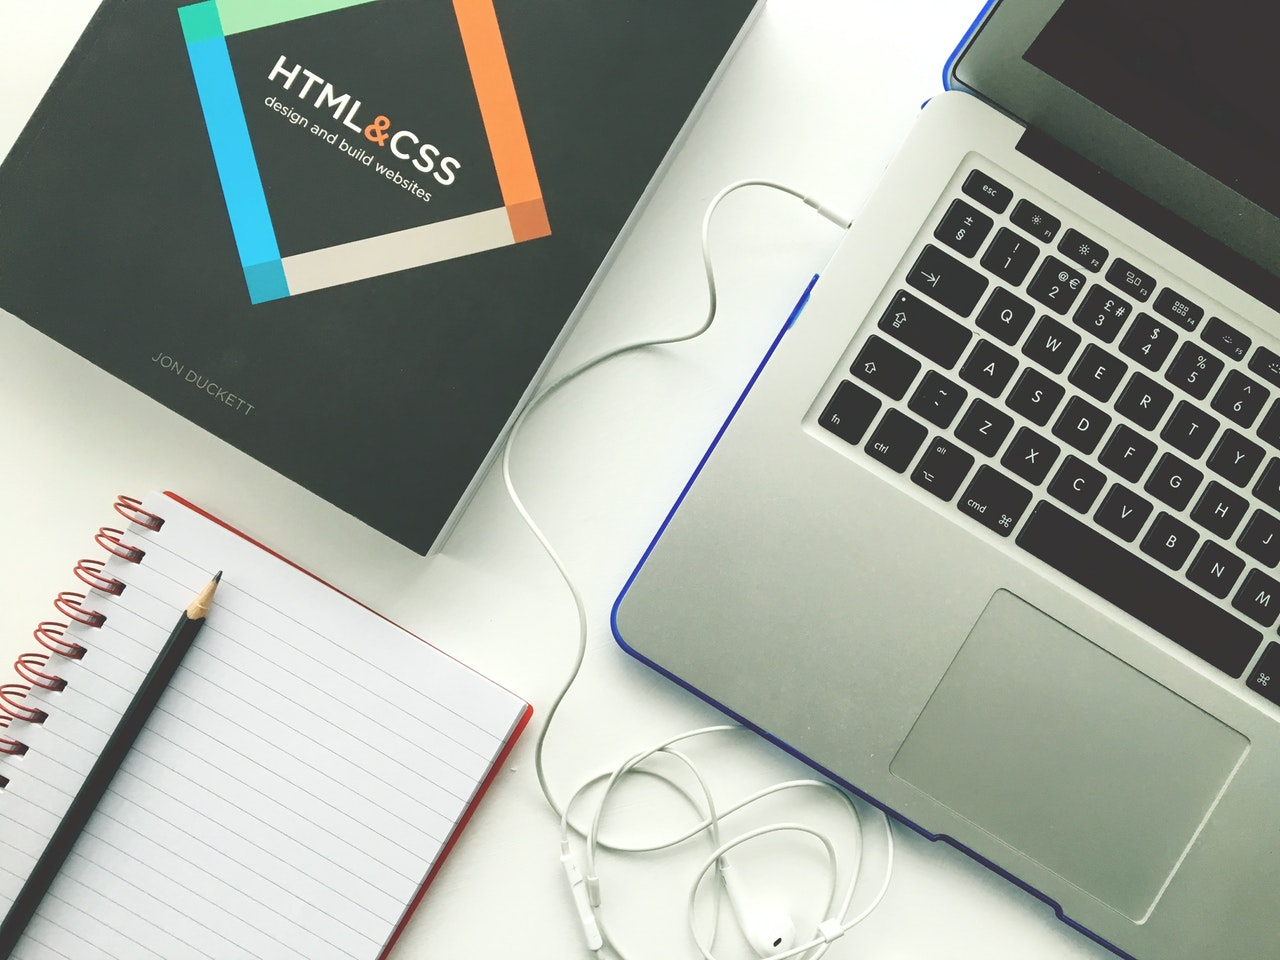 Pro Website Design by Slowman